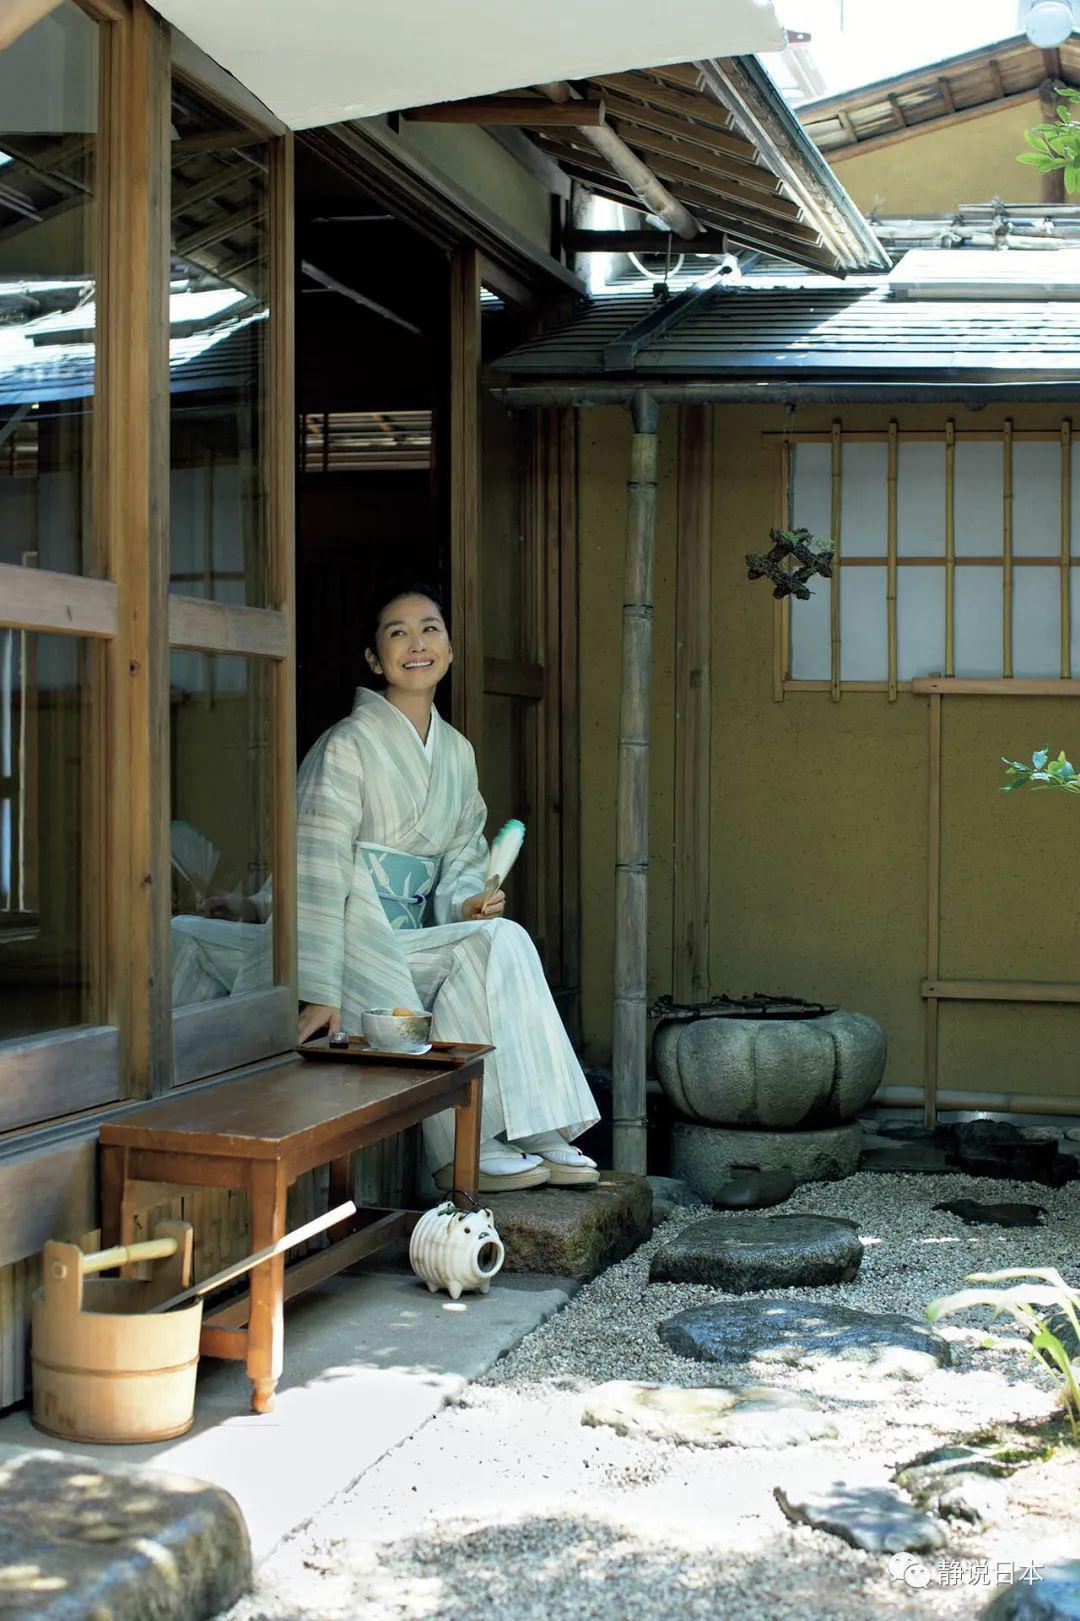 日本人为何有进屋脱鞋的习惯?